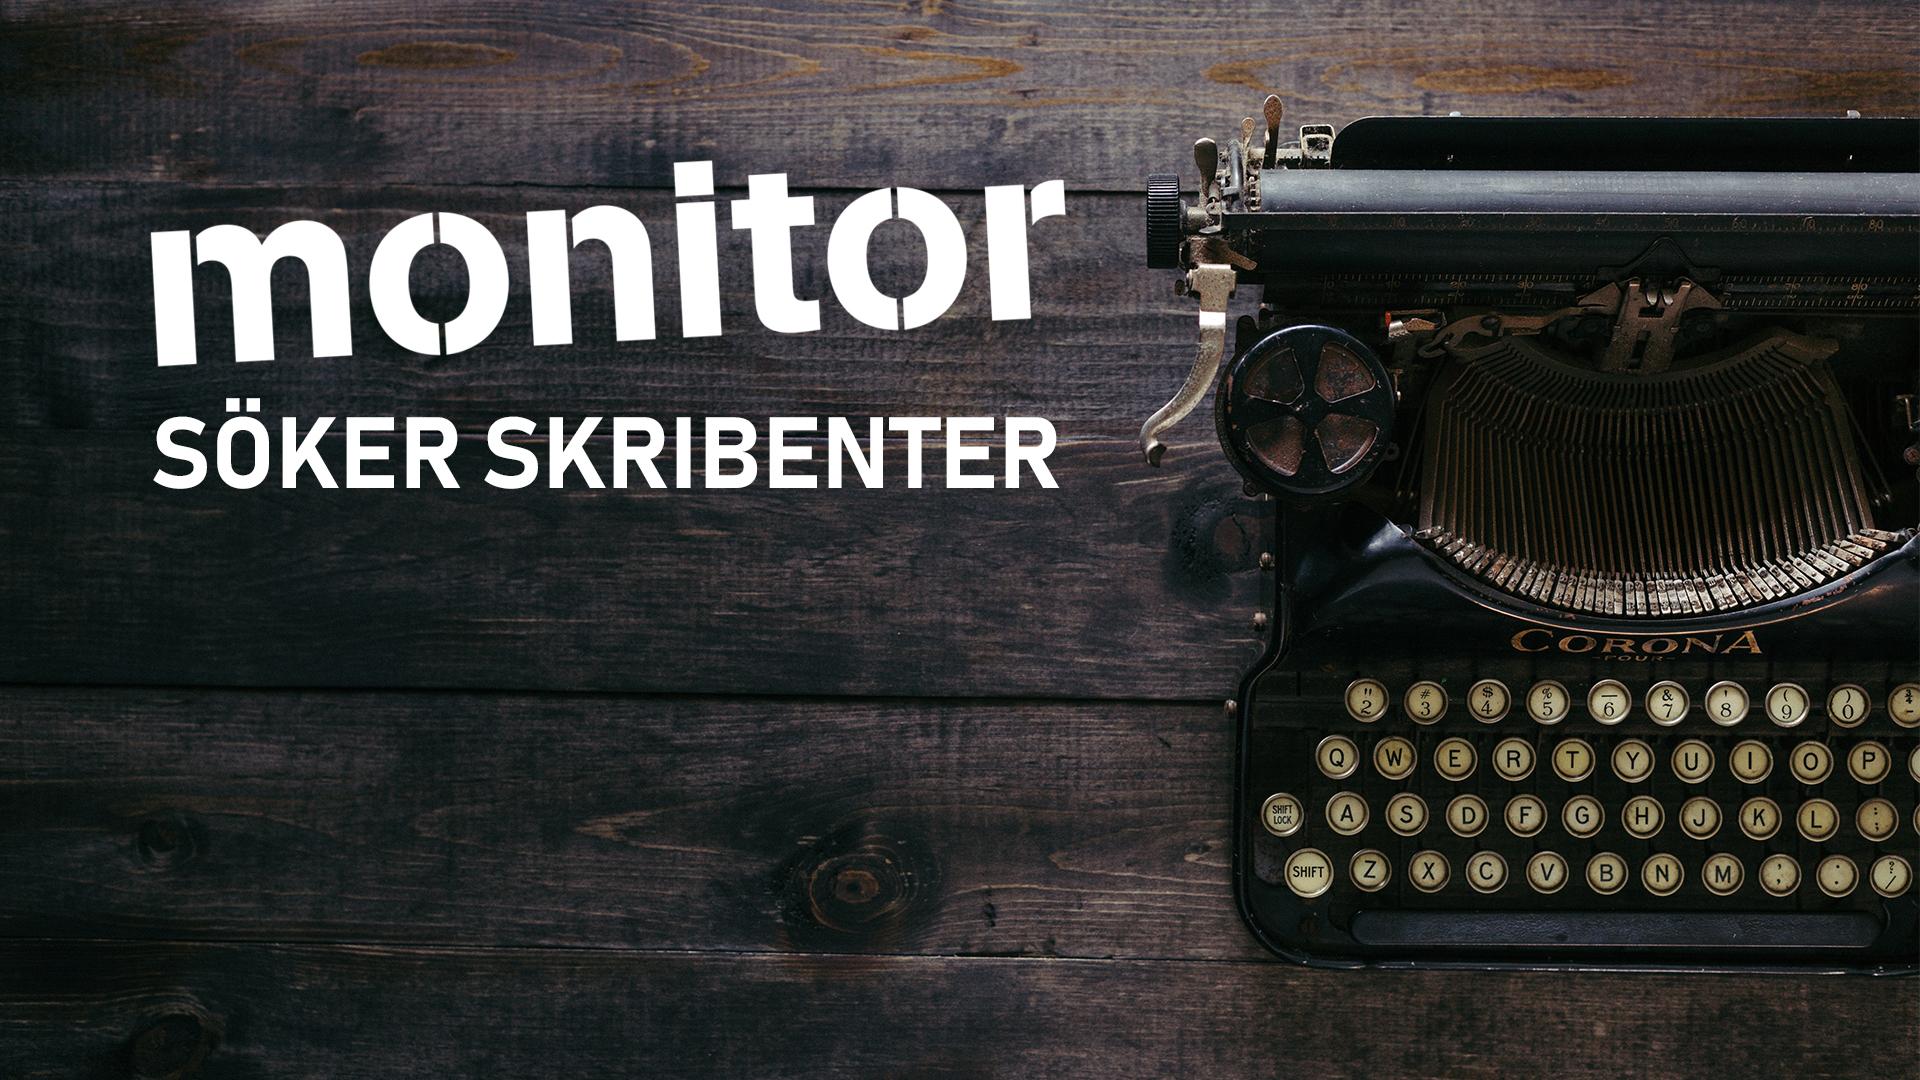 Har du en vass penna och goda kunskaper inom ljud, ljus, bild, AV-teknik eller medieteknik? Då kanske det är just dig som Sveriges ledande branschtidning söker.